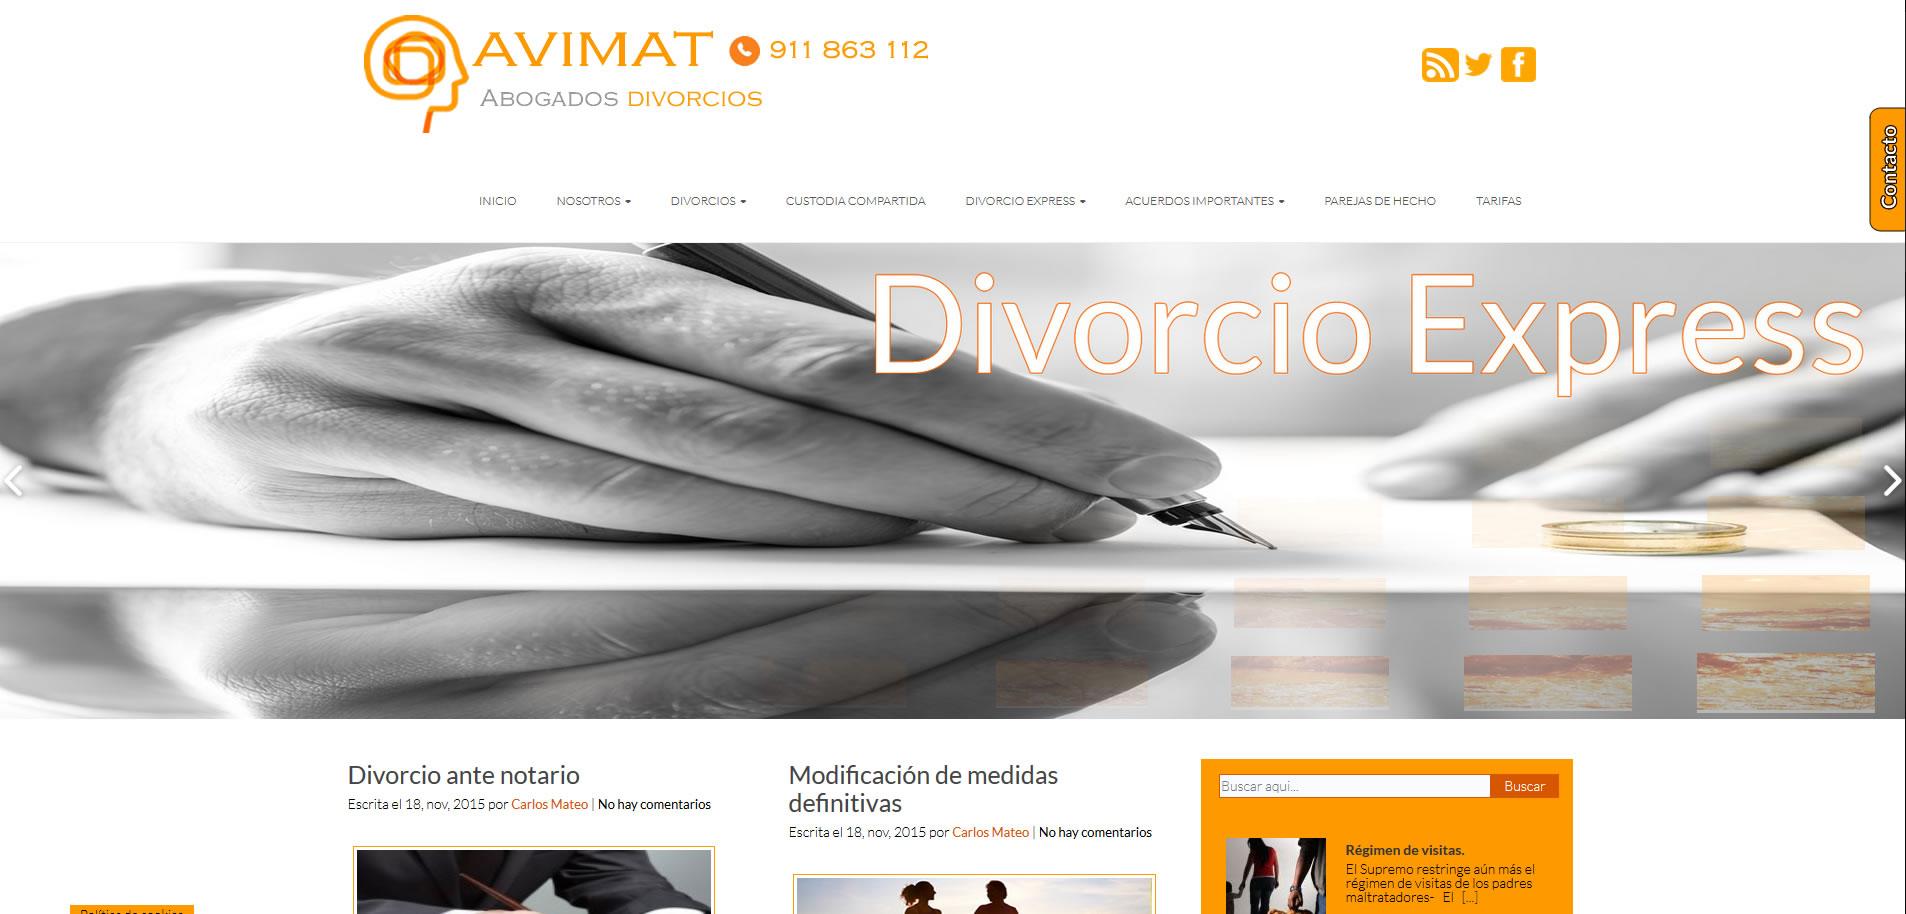 Avimat Divorcios